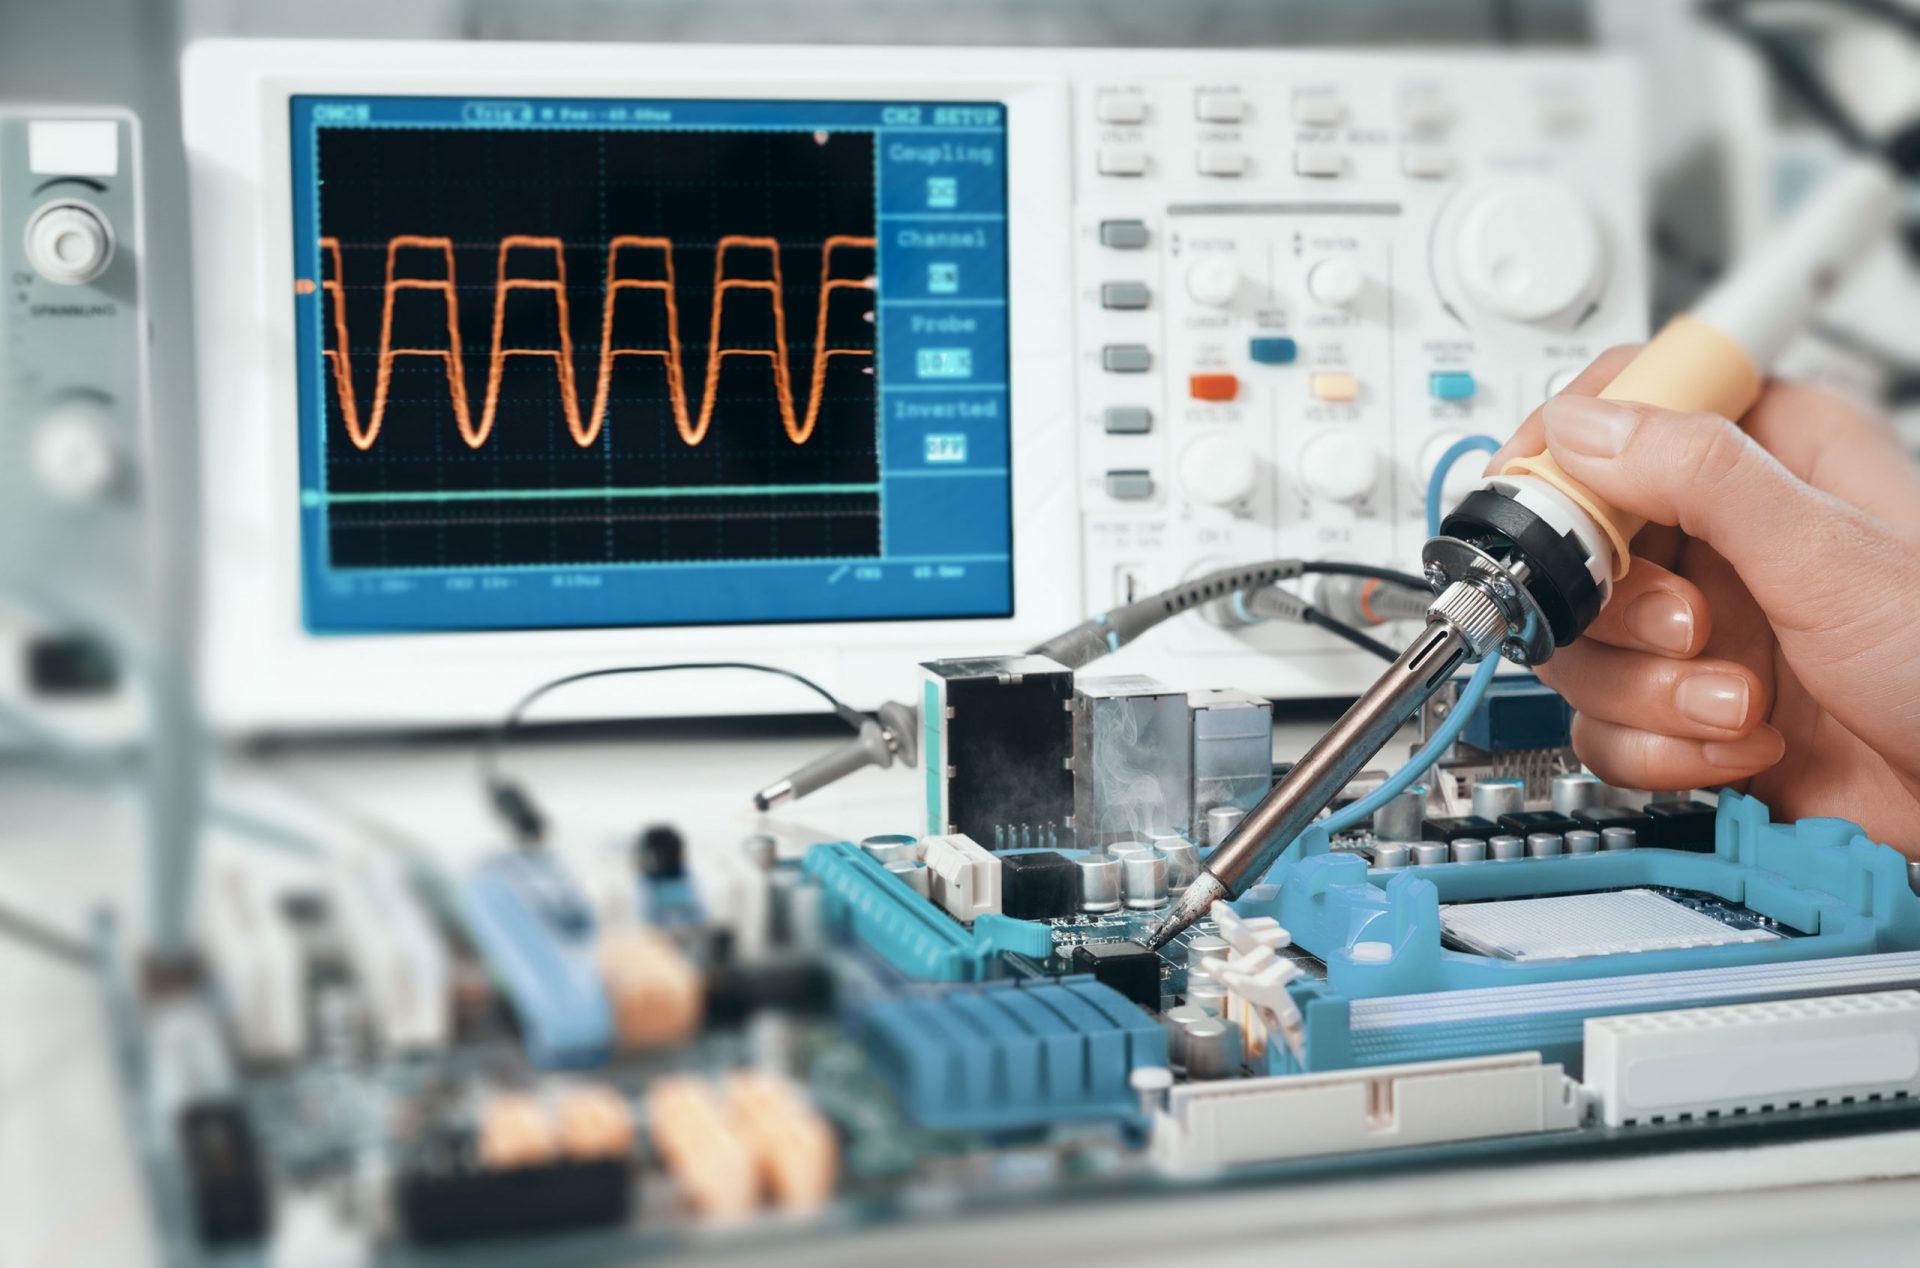 electroinics-equipment-repair